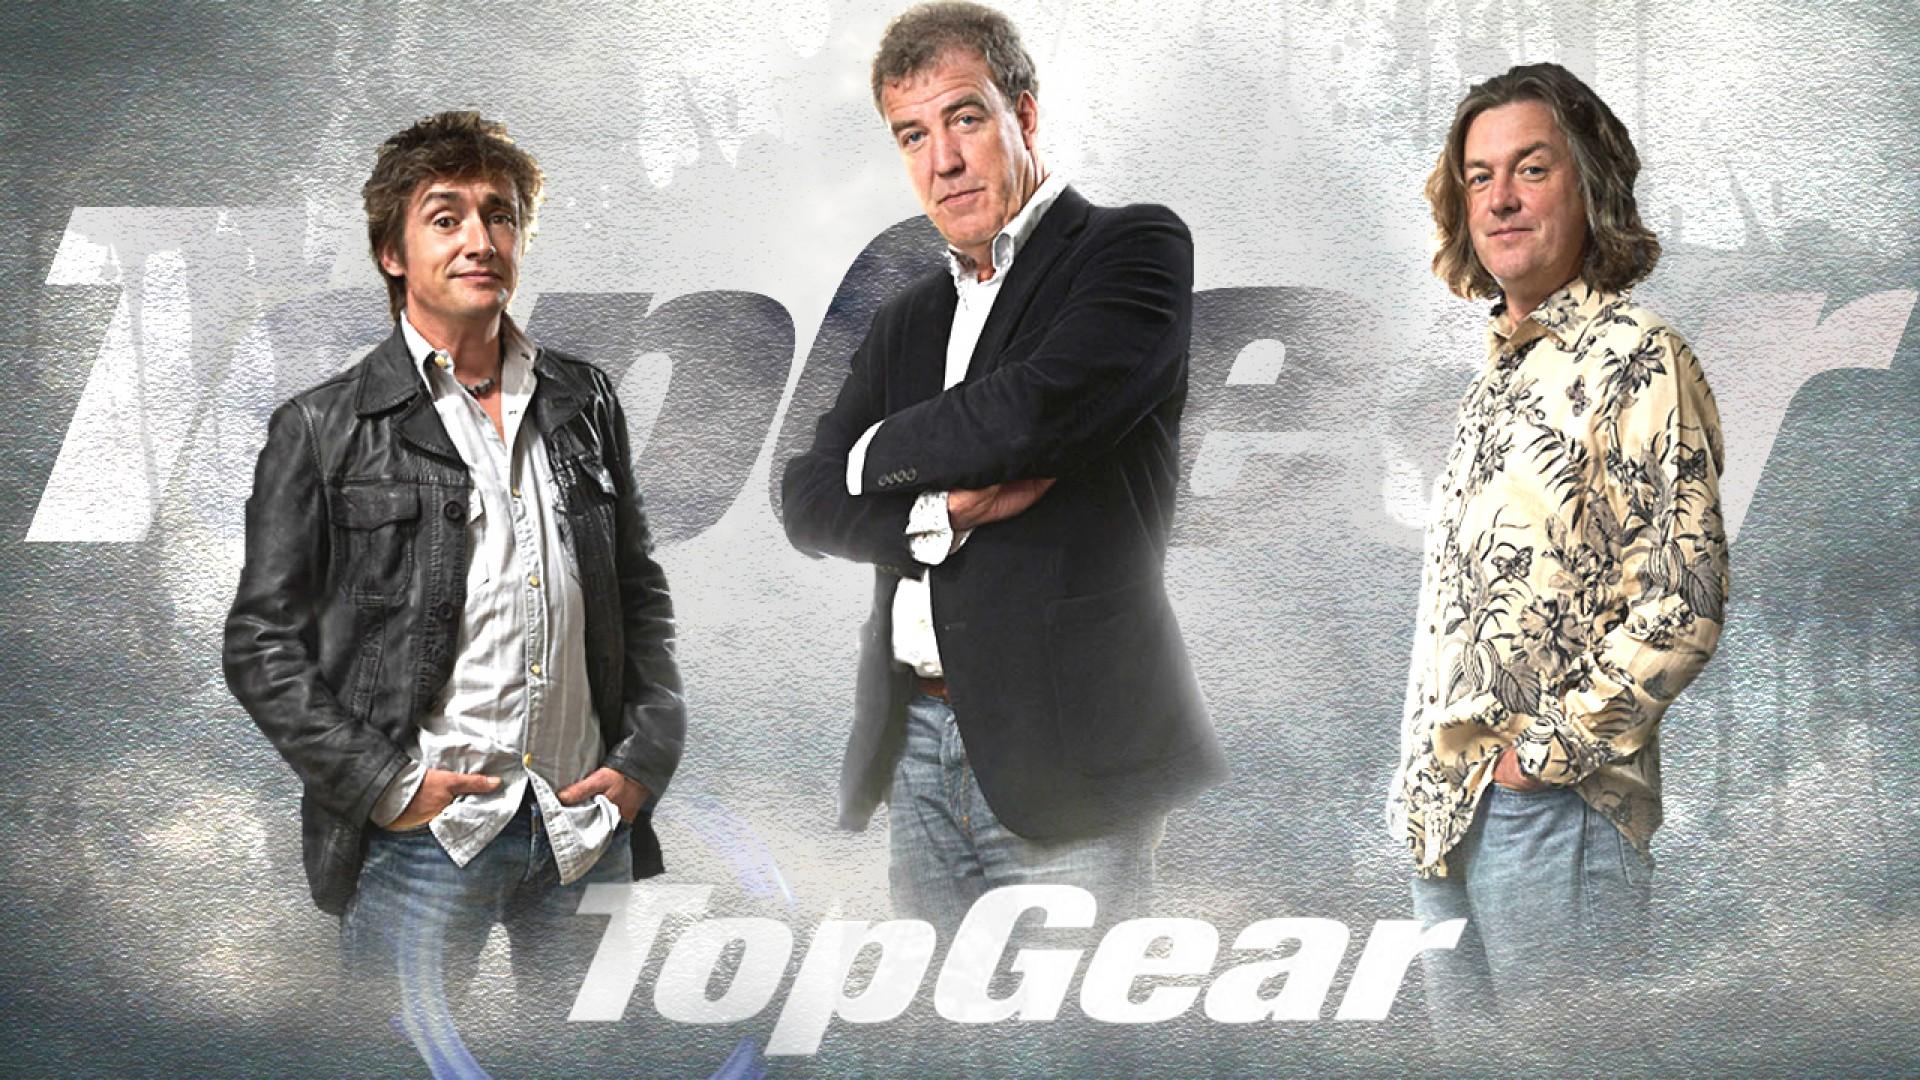 top gear image le fancy wallpapers mod db